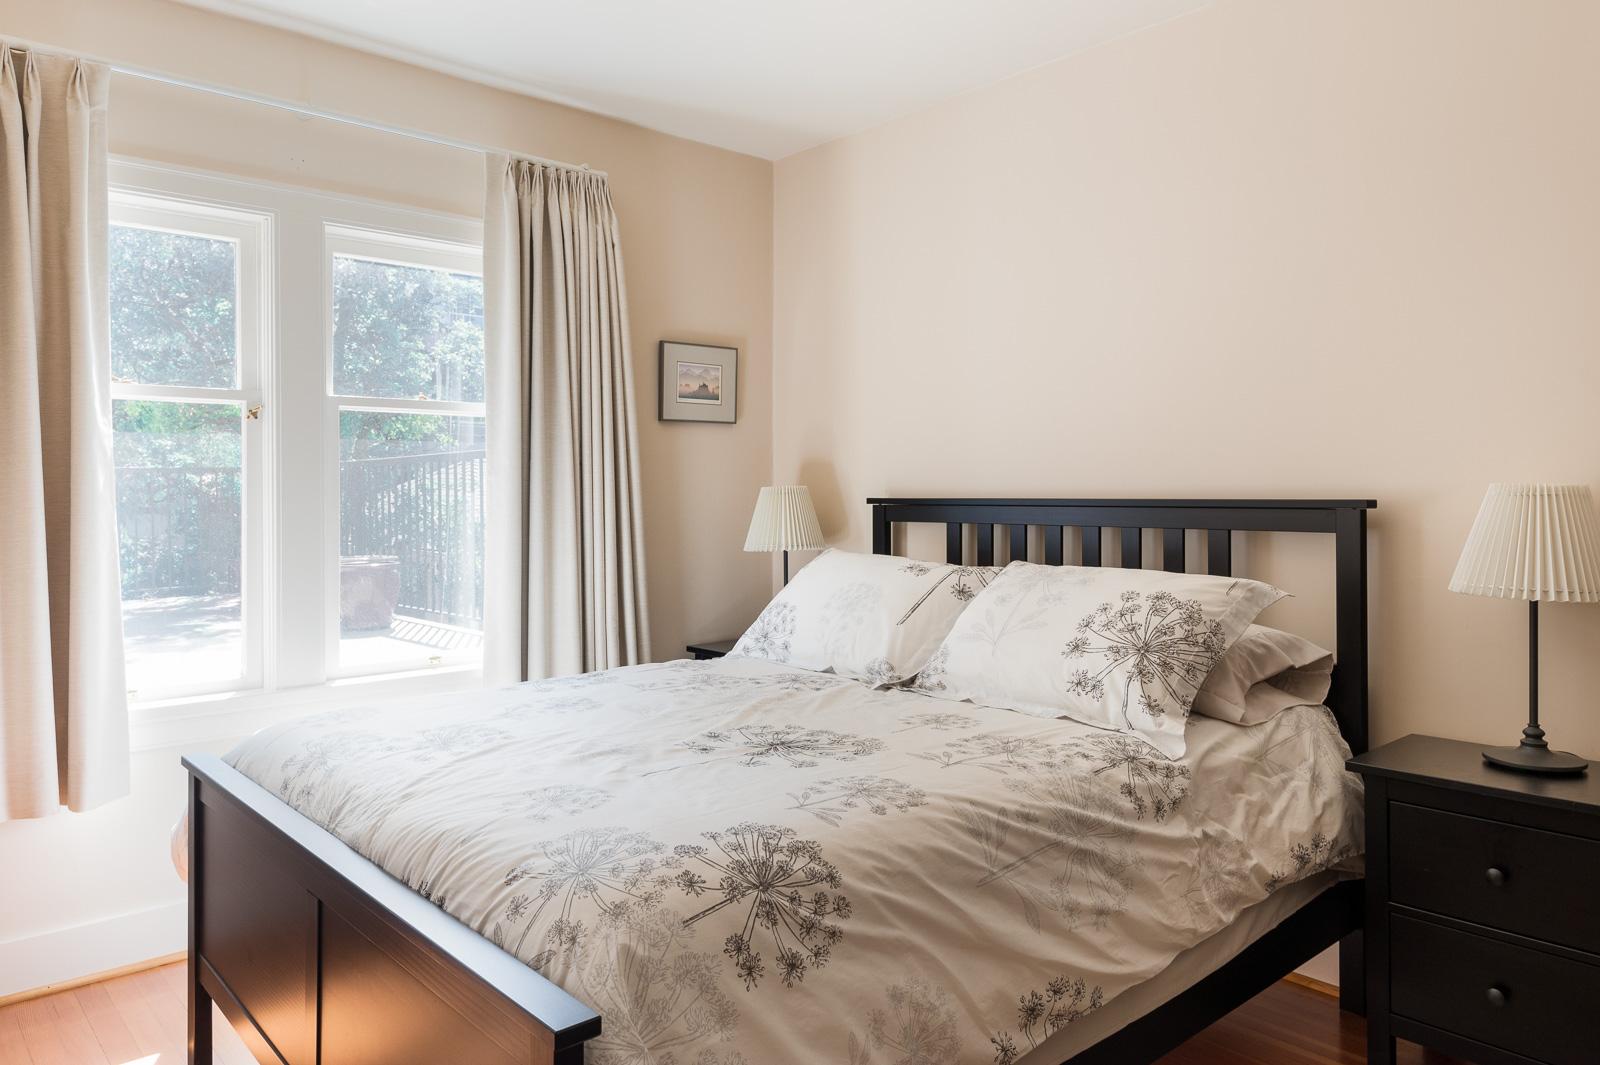 Bedroom with floral patterned bedspread inside Westside Vancouver rental managed by Birds Nest Properties.